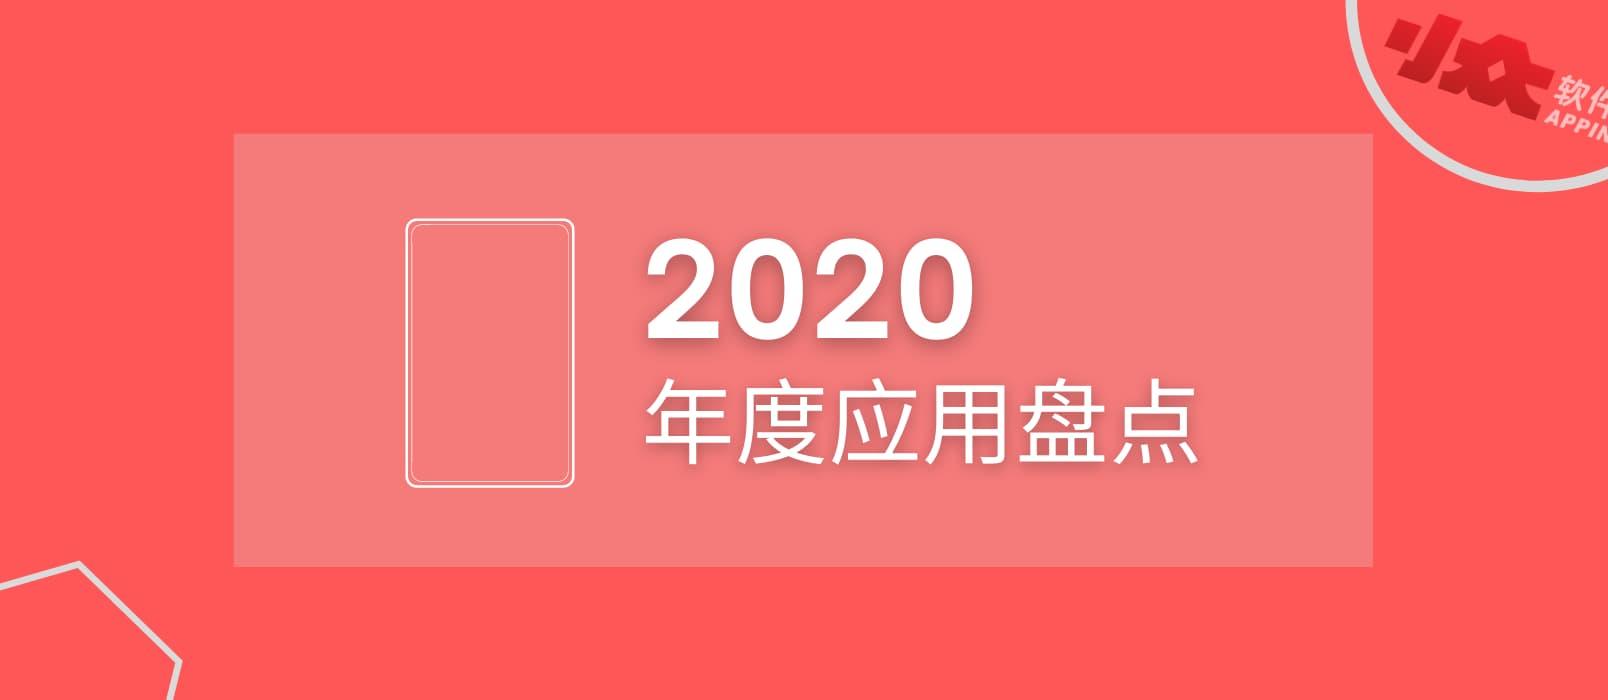 2020 年度应用盘点